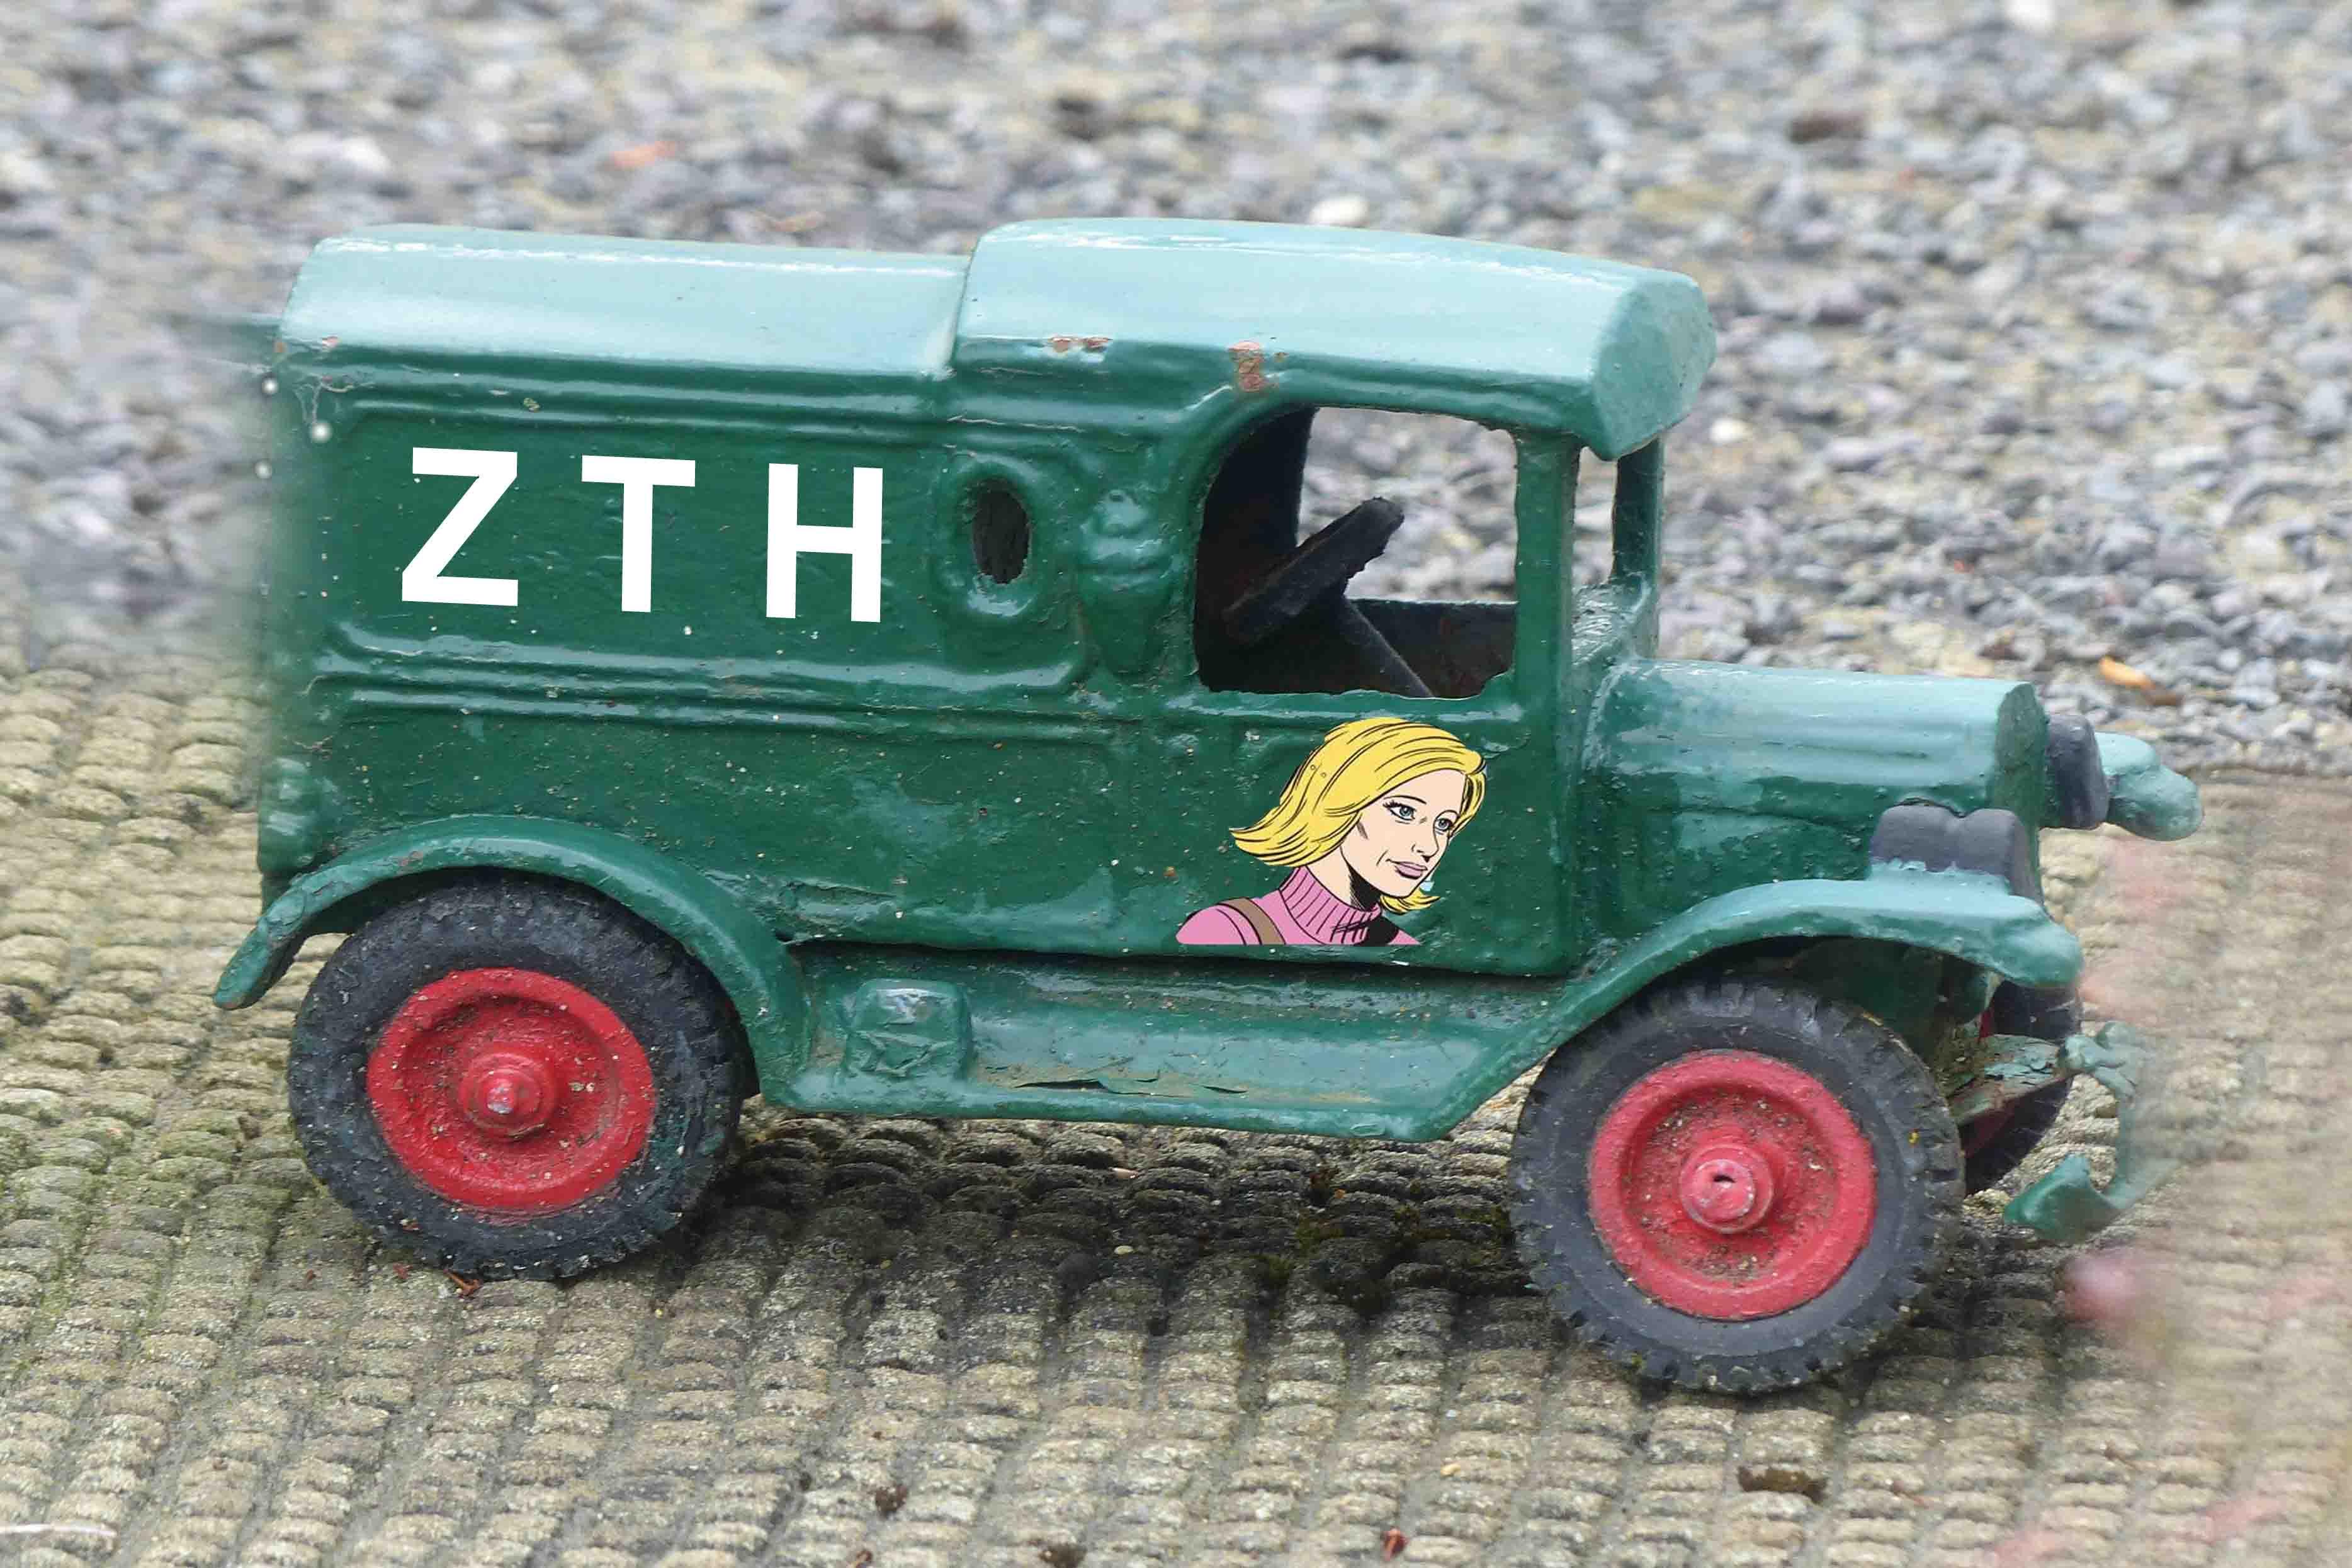 Zth truck avmin